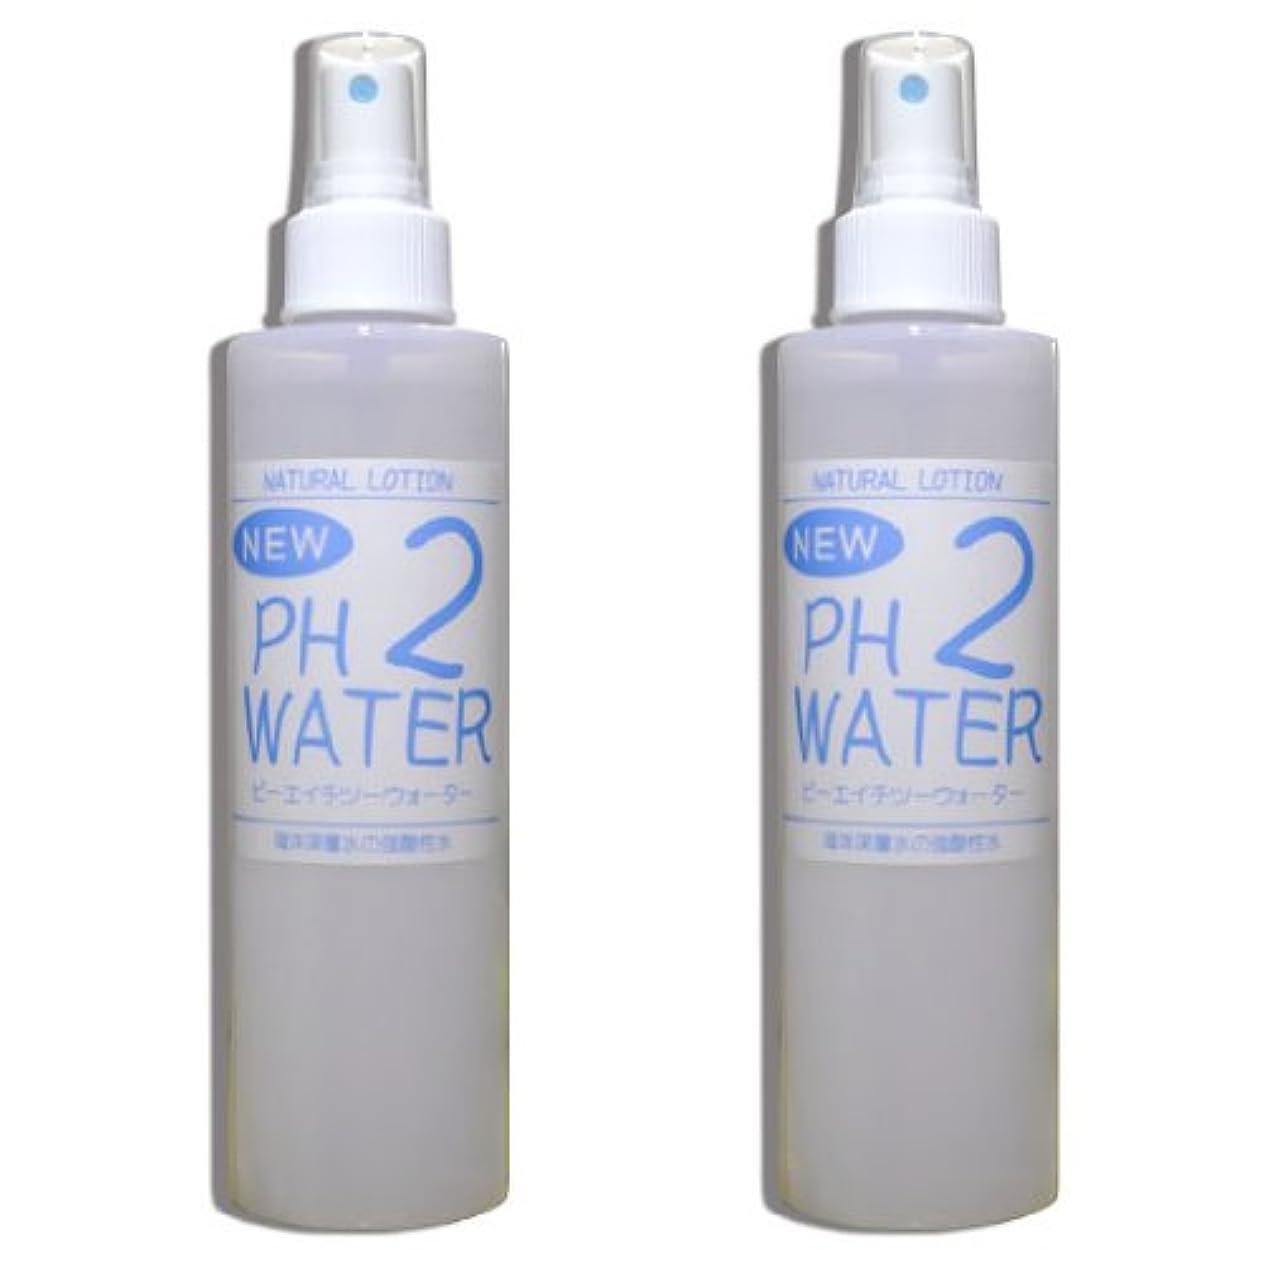 翻訳者首尾一貫した一族強酸性水 NEW PH2ウォーター『200mlスプレー2本セット』